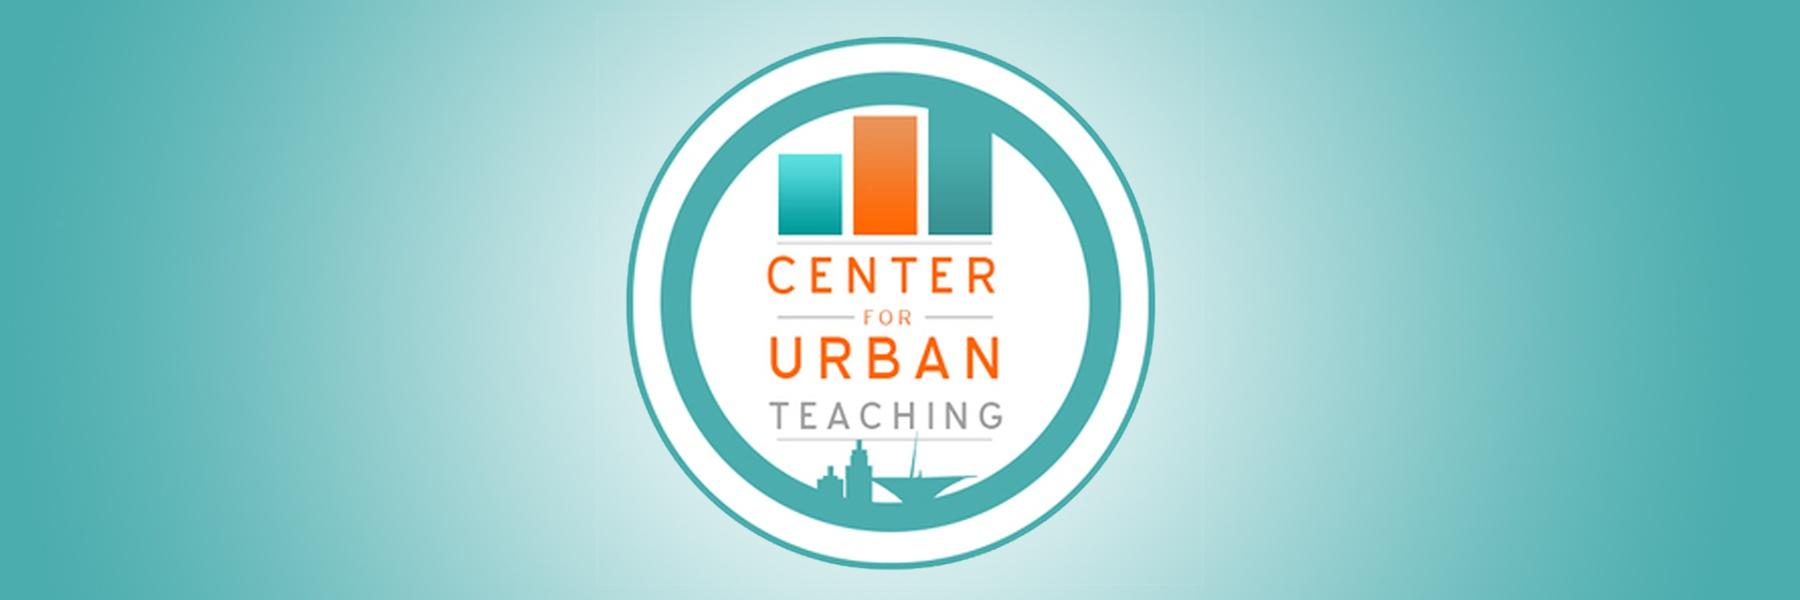 Center for Urban Teaching logo